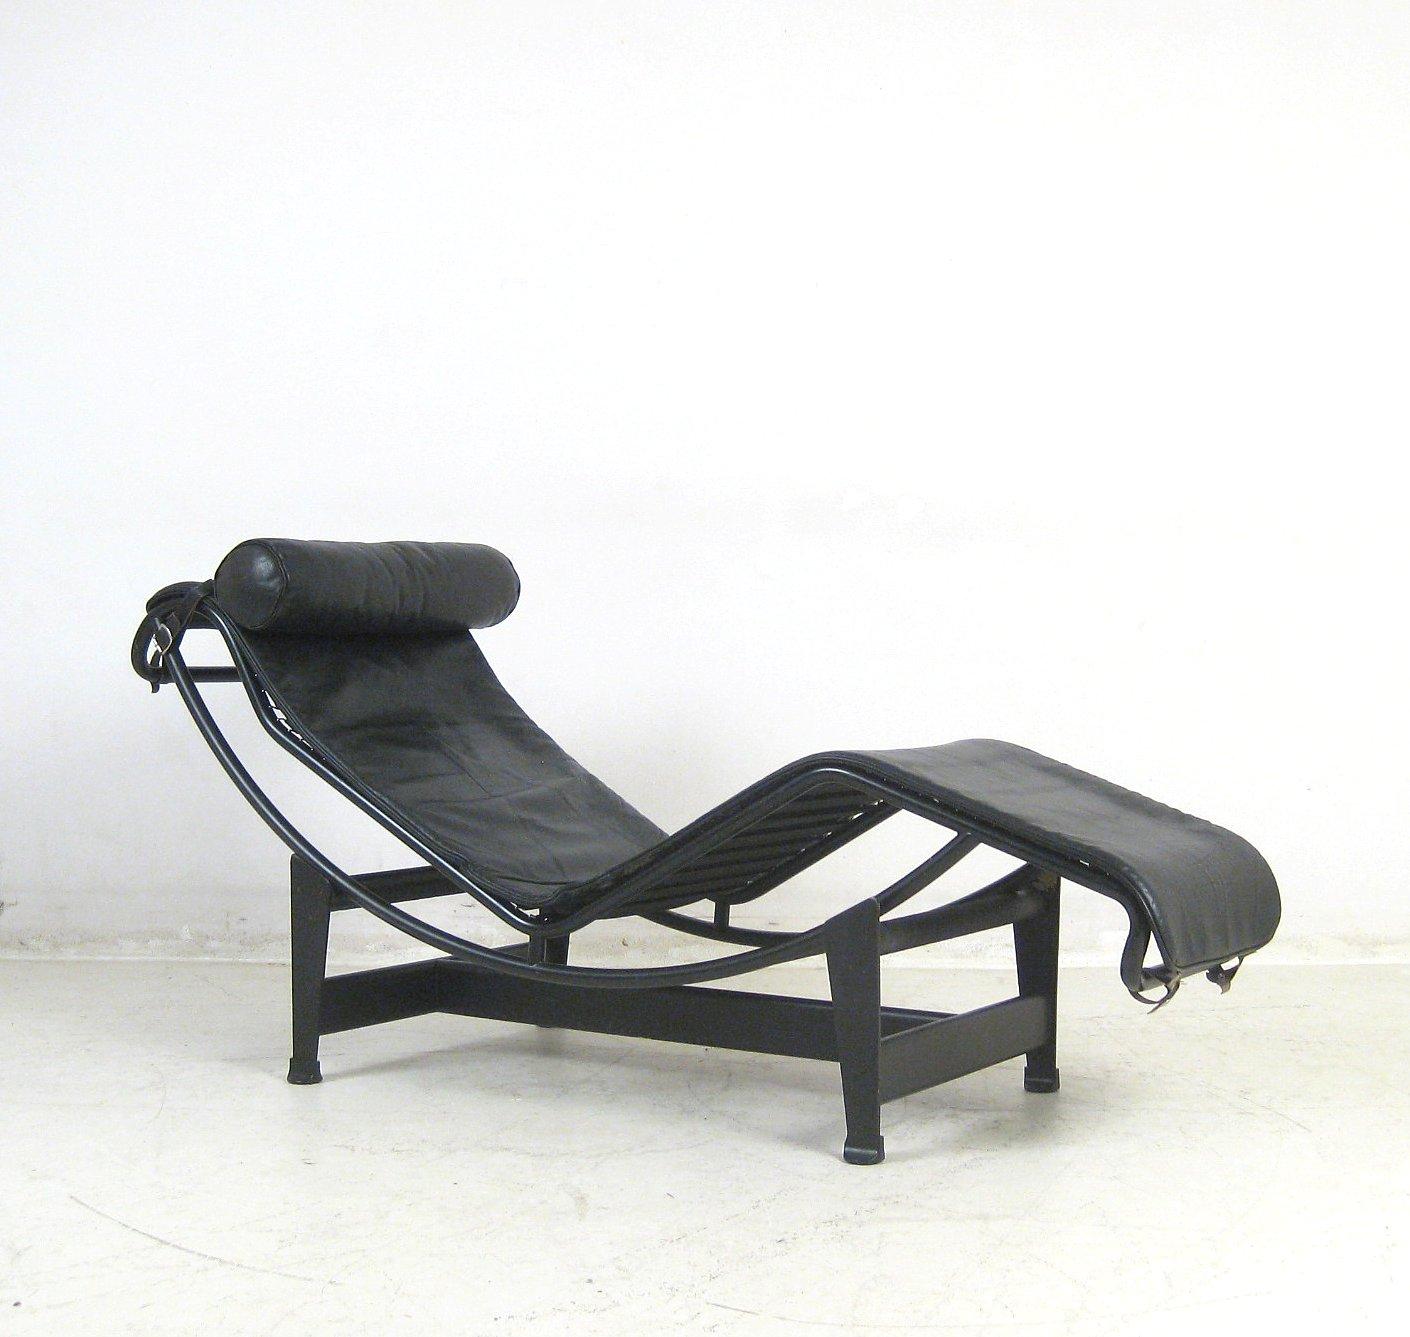 le corbusier liege chaiselongue modell lc4 von cassina - Liege Chaiselongue